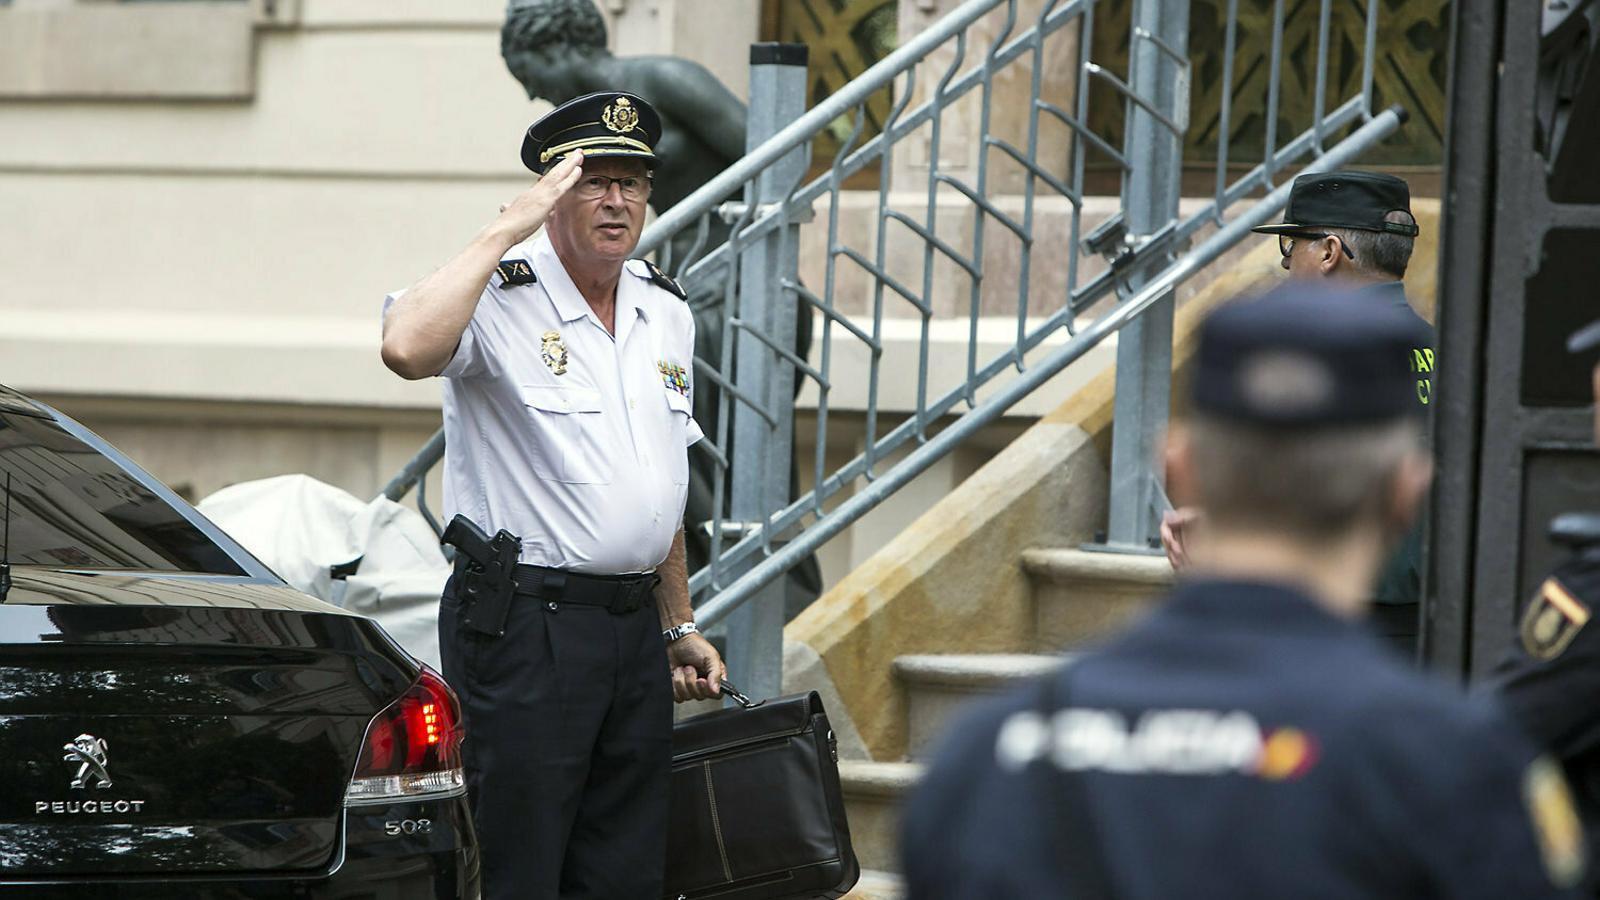 Trapote va ser acusat per la mort de l'obrer José Luis Herrero